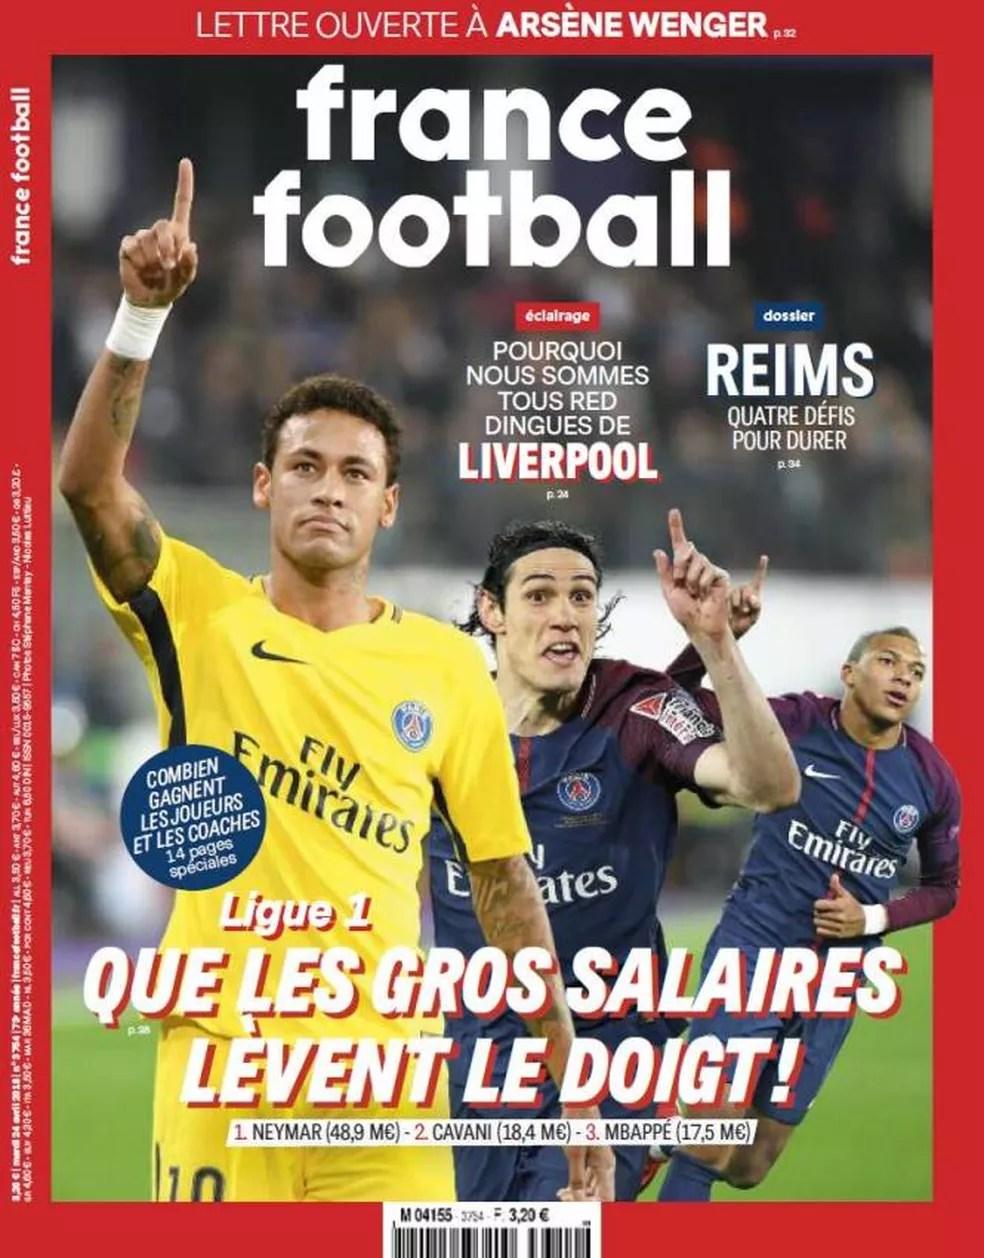 Capa da edição que traz os maiores salários. Na França, Neymar é disparado o mais bem pago, seguido por Cavani e Mbappé. (Foto: Divulgação)